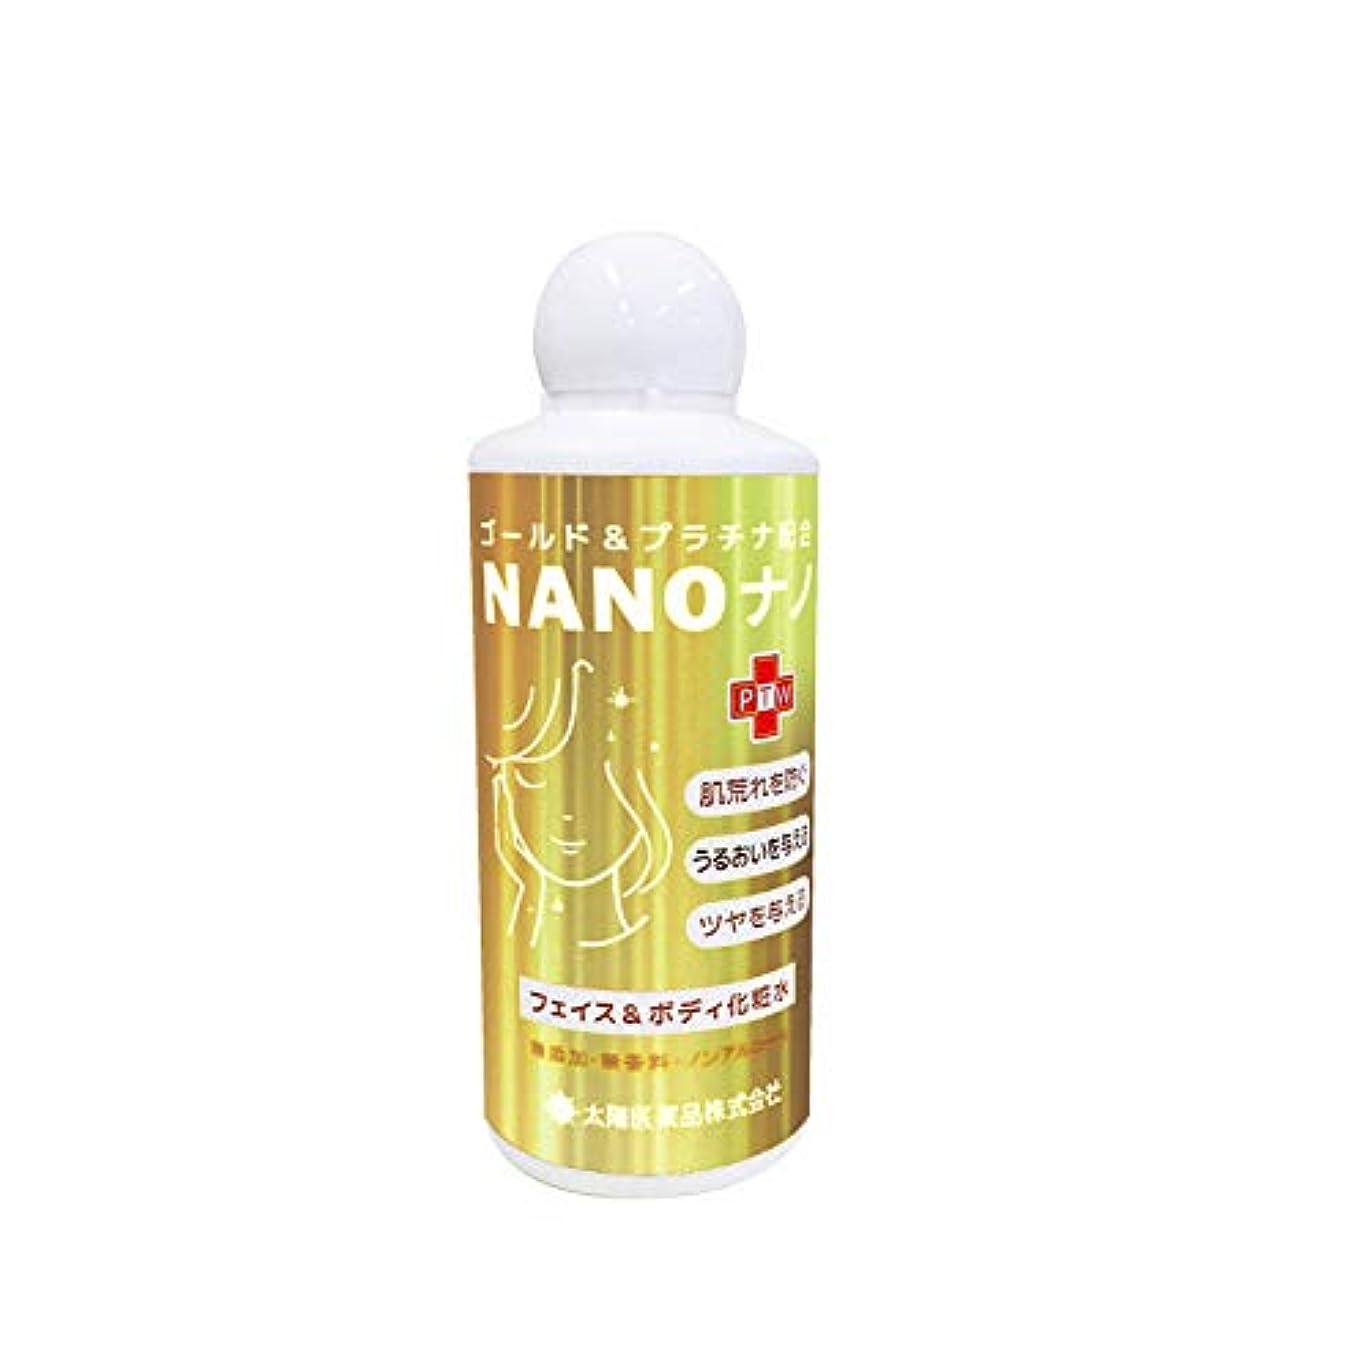 出身地伝統的机NANO フェイス&ボディ化粧水